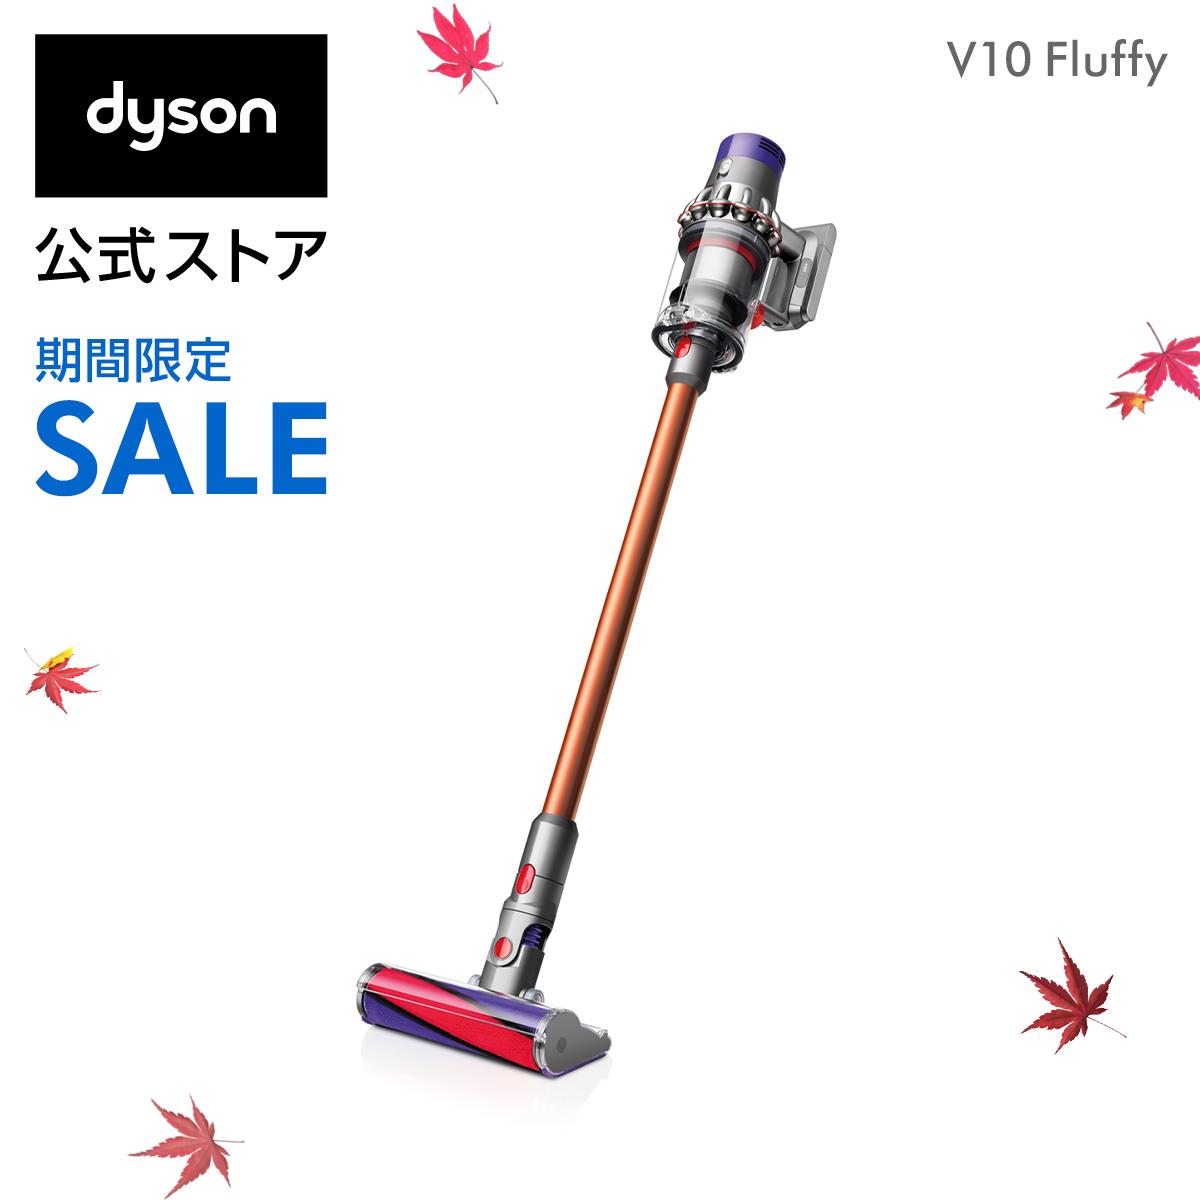 25%OFF【期間限定】11日1:59amまで!ダイソン Dyson Cyclone V10 Fluffy サイクロン式 コードレス掃除機 dyson SV12FF 2018年モデル【フロアドックセットではありません】